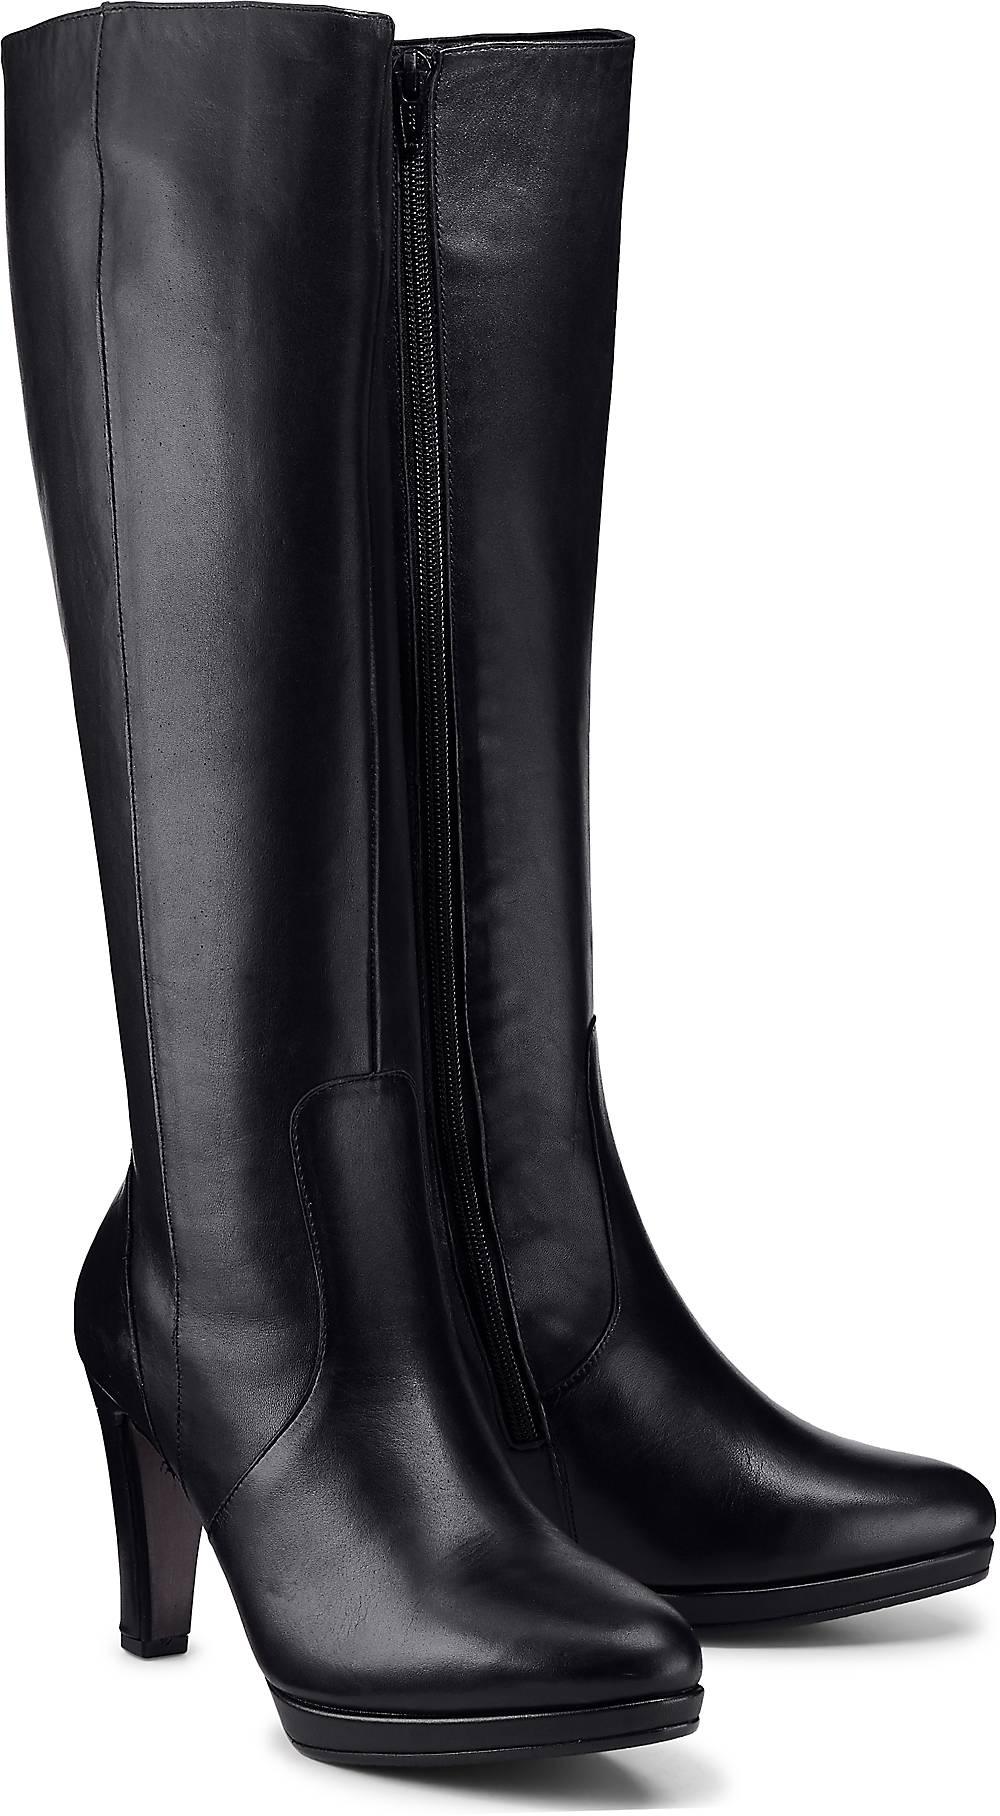 Fashion-Stiefel von Gabor in schwarz für Damen. Gr. 38 1/2 Preisvergleich